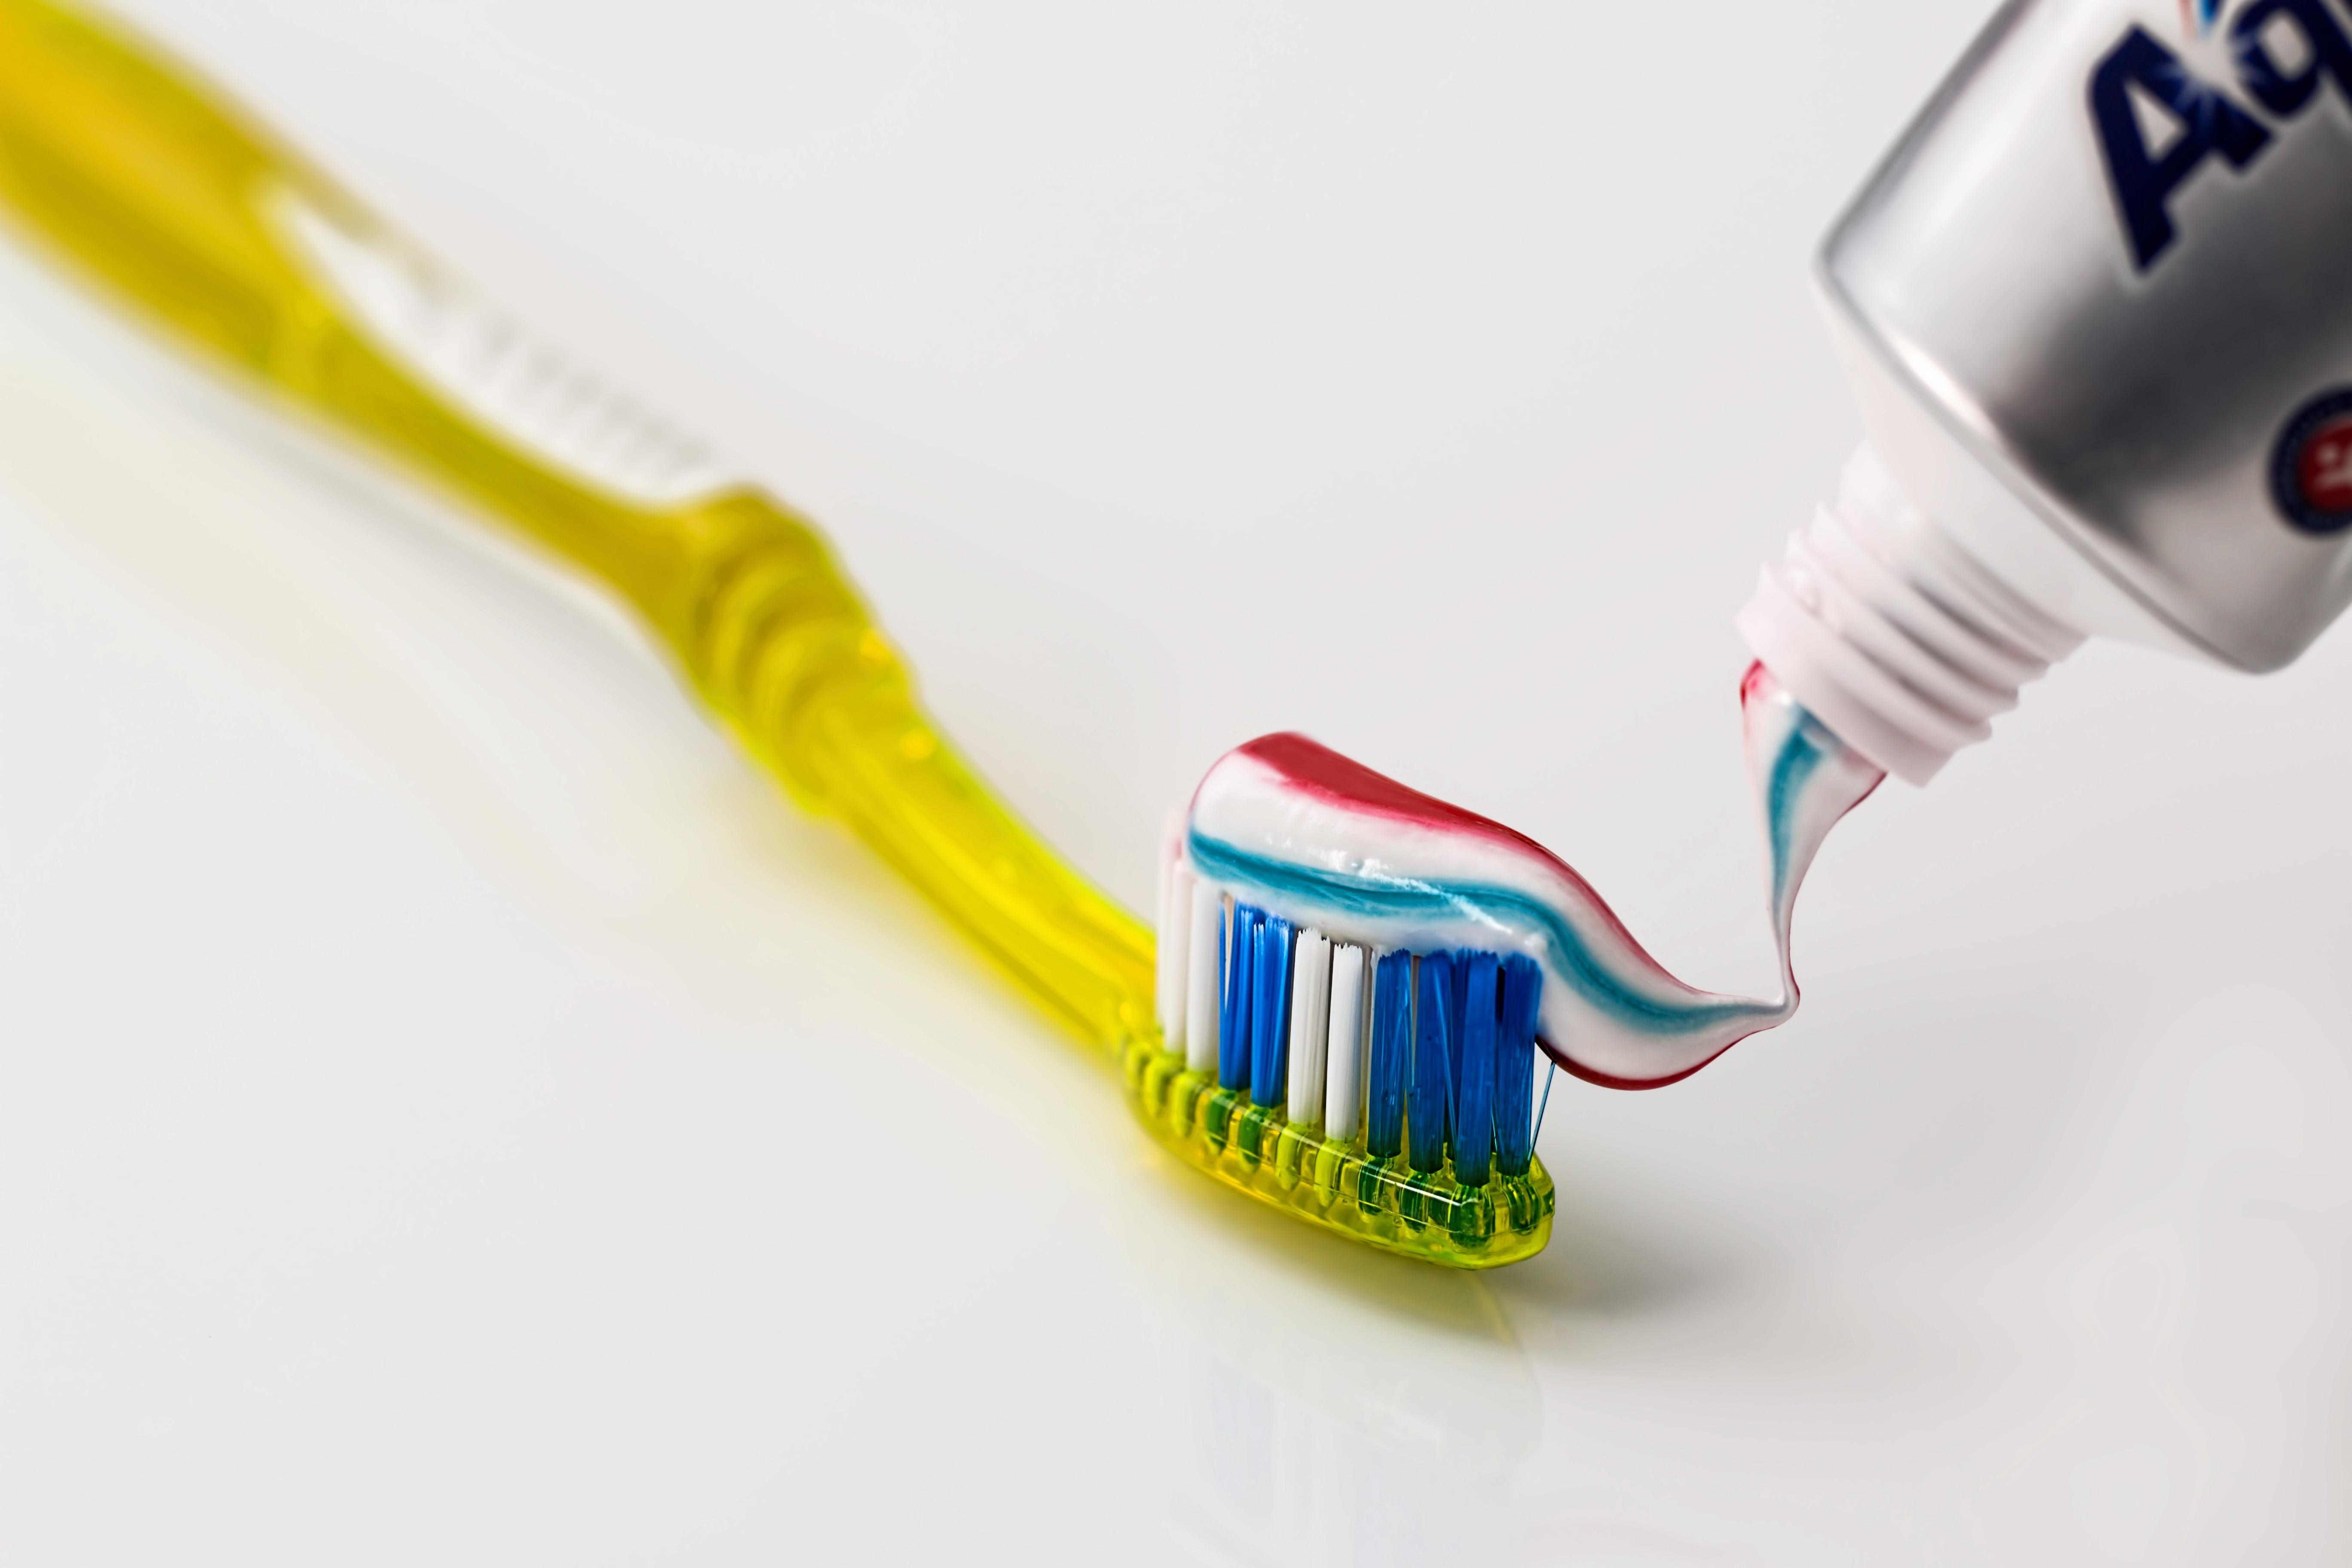 以為牙醫檢查都很隨便嗎?台北牙醫診所提供不一樣的健保初診流程